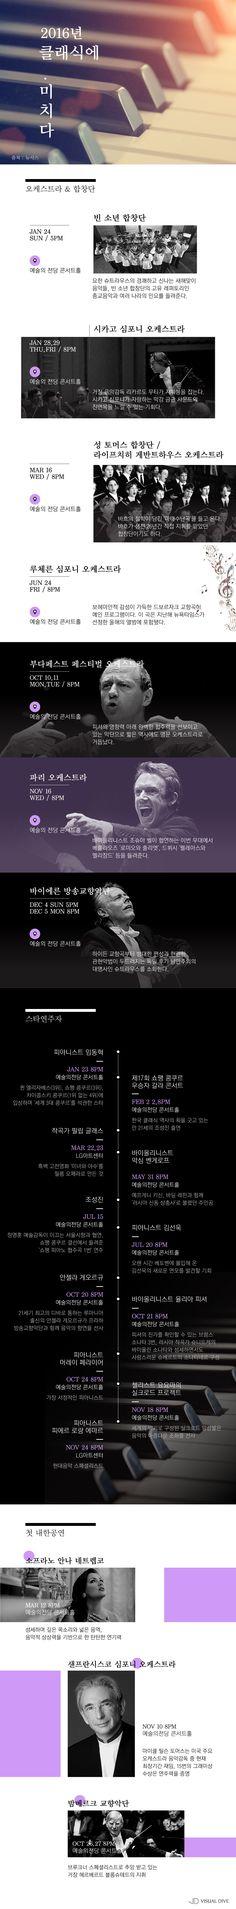 클래식에 미치다…2016년 화려한 라인업 [인포그래픽] #Music / #Infographic ⓒ 비주얼다이브 무단 복사·전재·재배포 금지